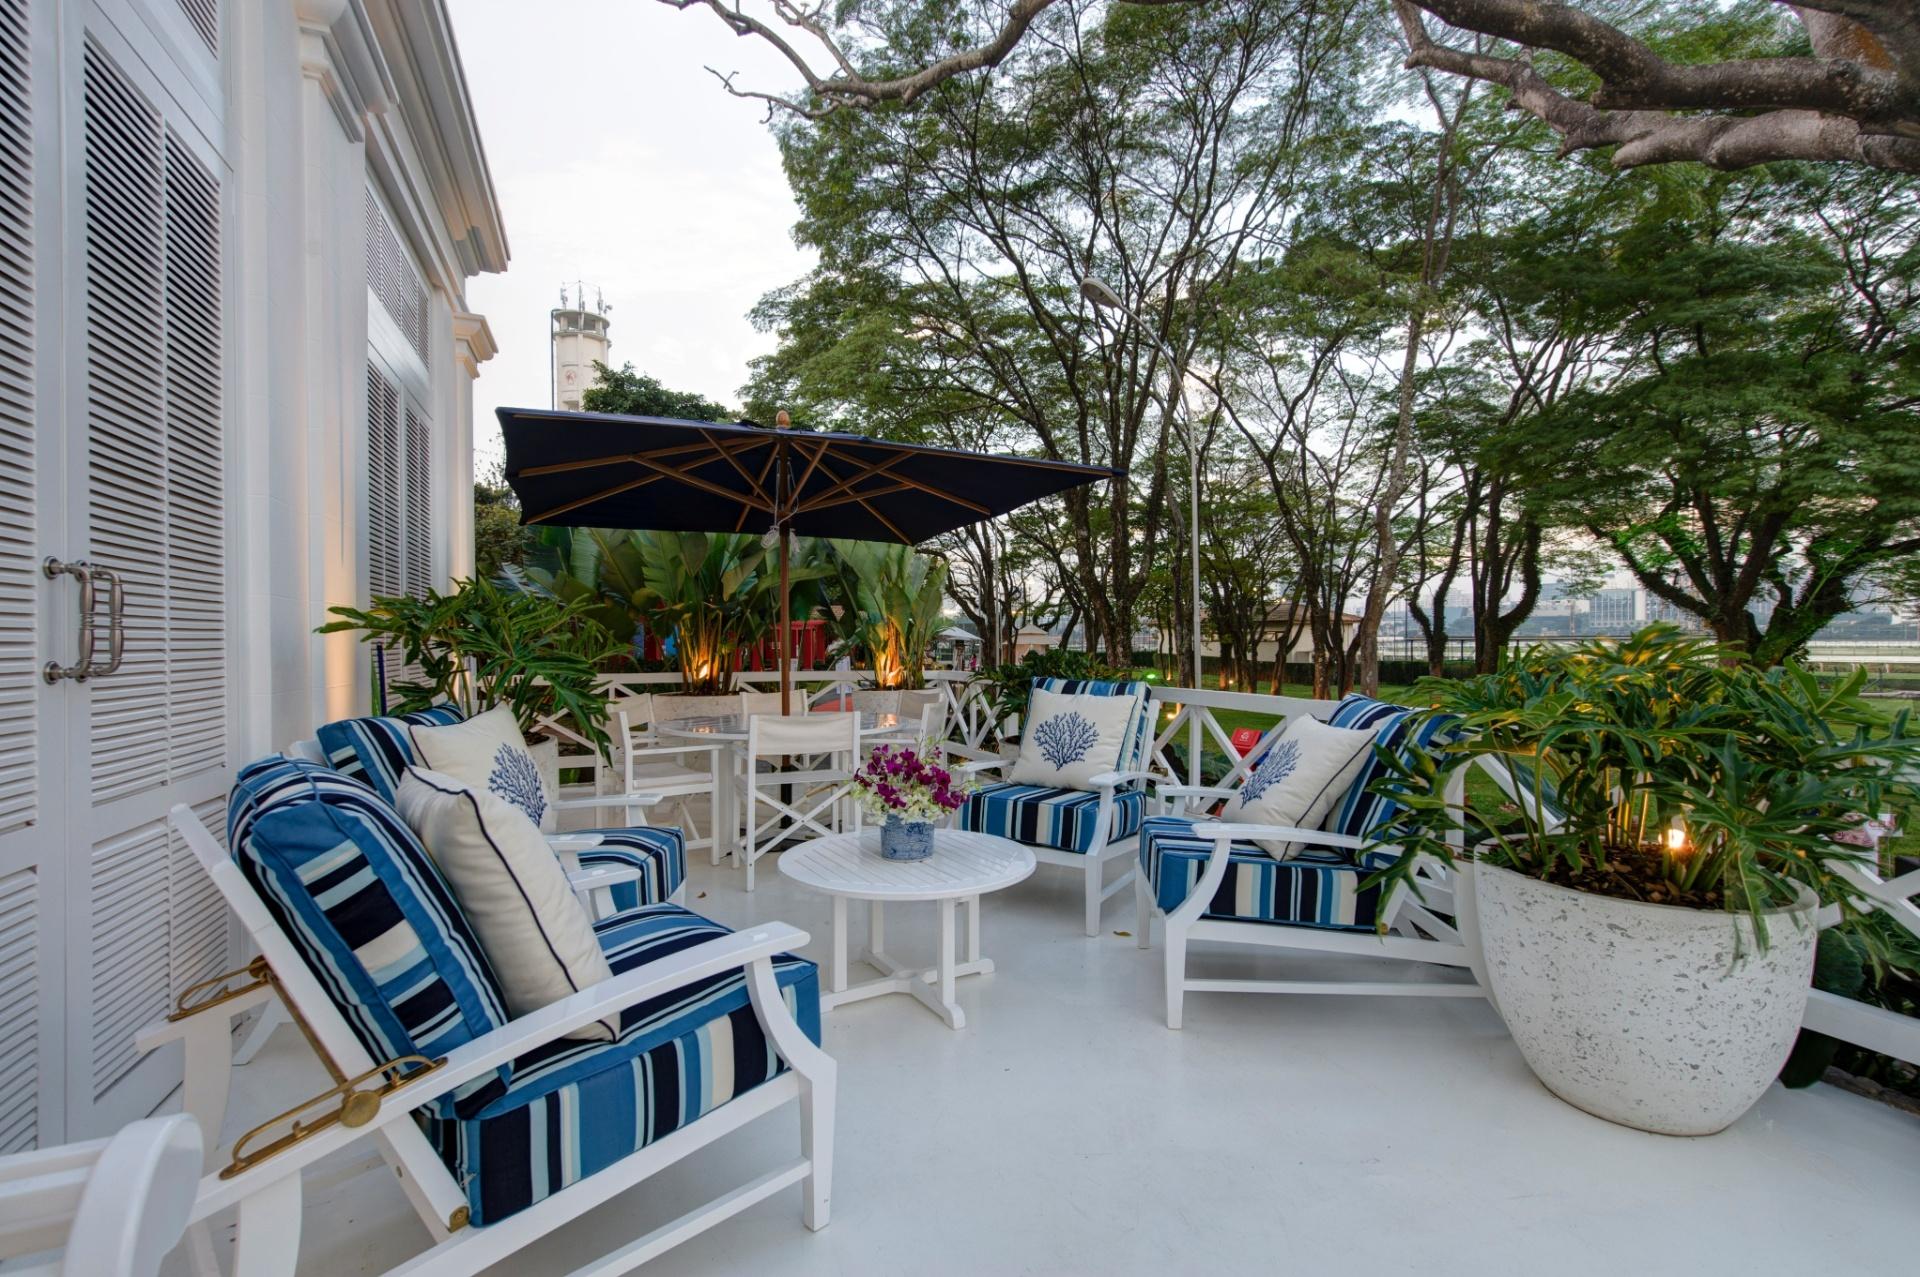 Para a decoração da varanda do espaço Deca, Sig Bergamin optou pelo uso do branco e tonalidades do azul. A 27ª Casa Cor SP segue até dia 21 de julho de 2013, no Jockey Club de São Paulo